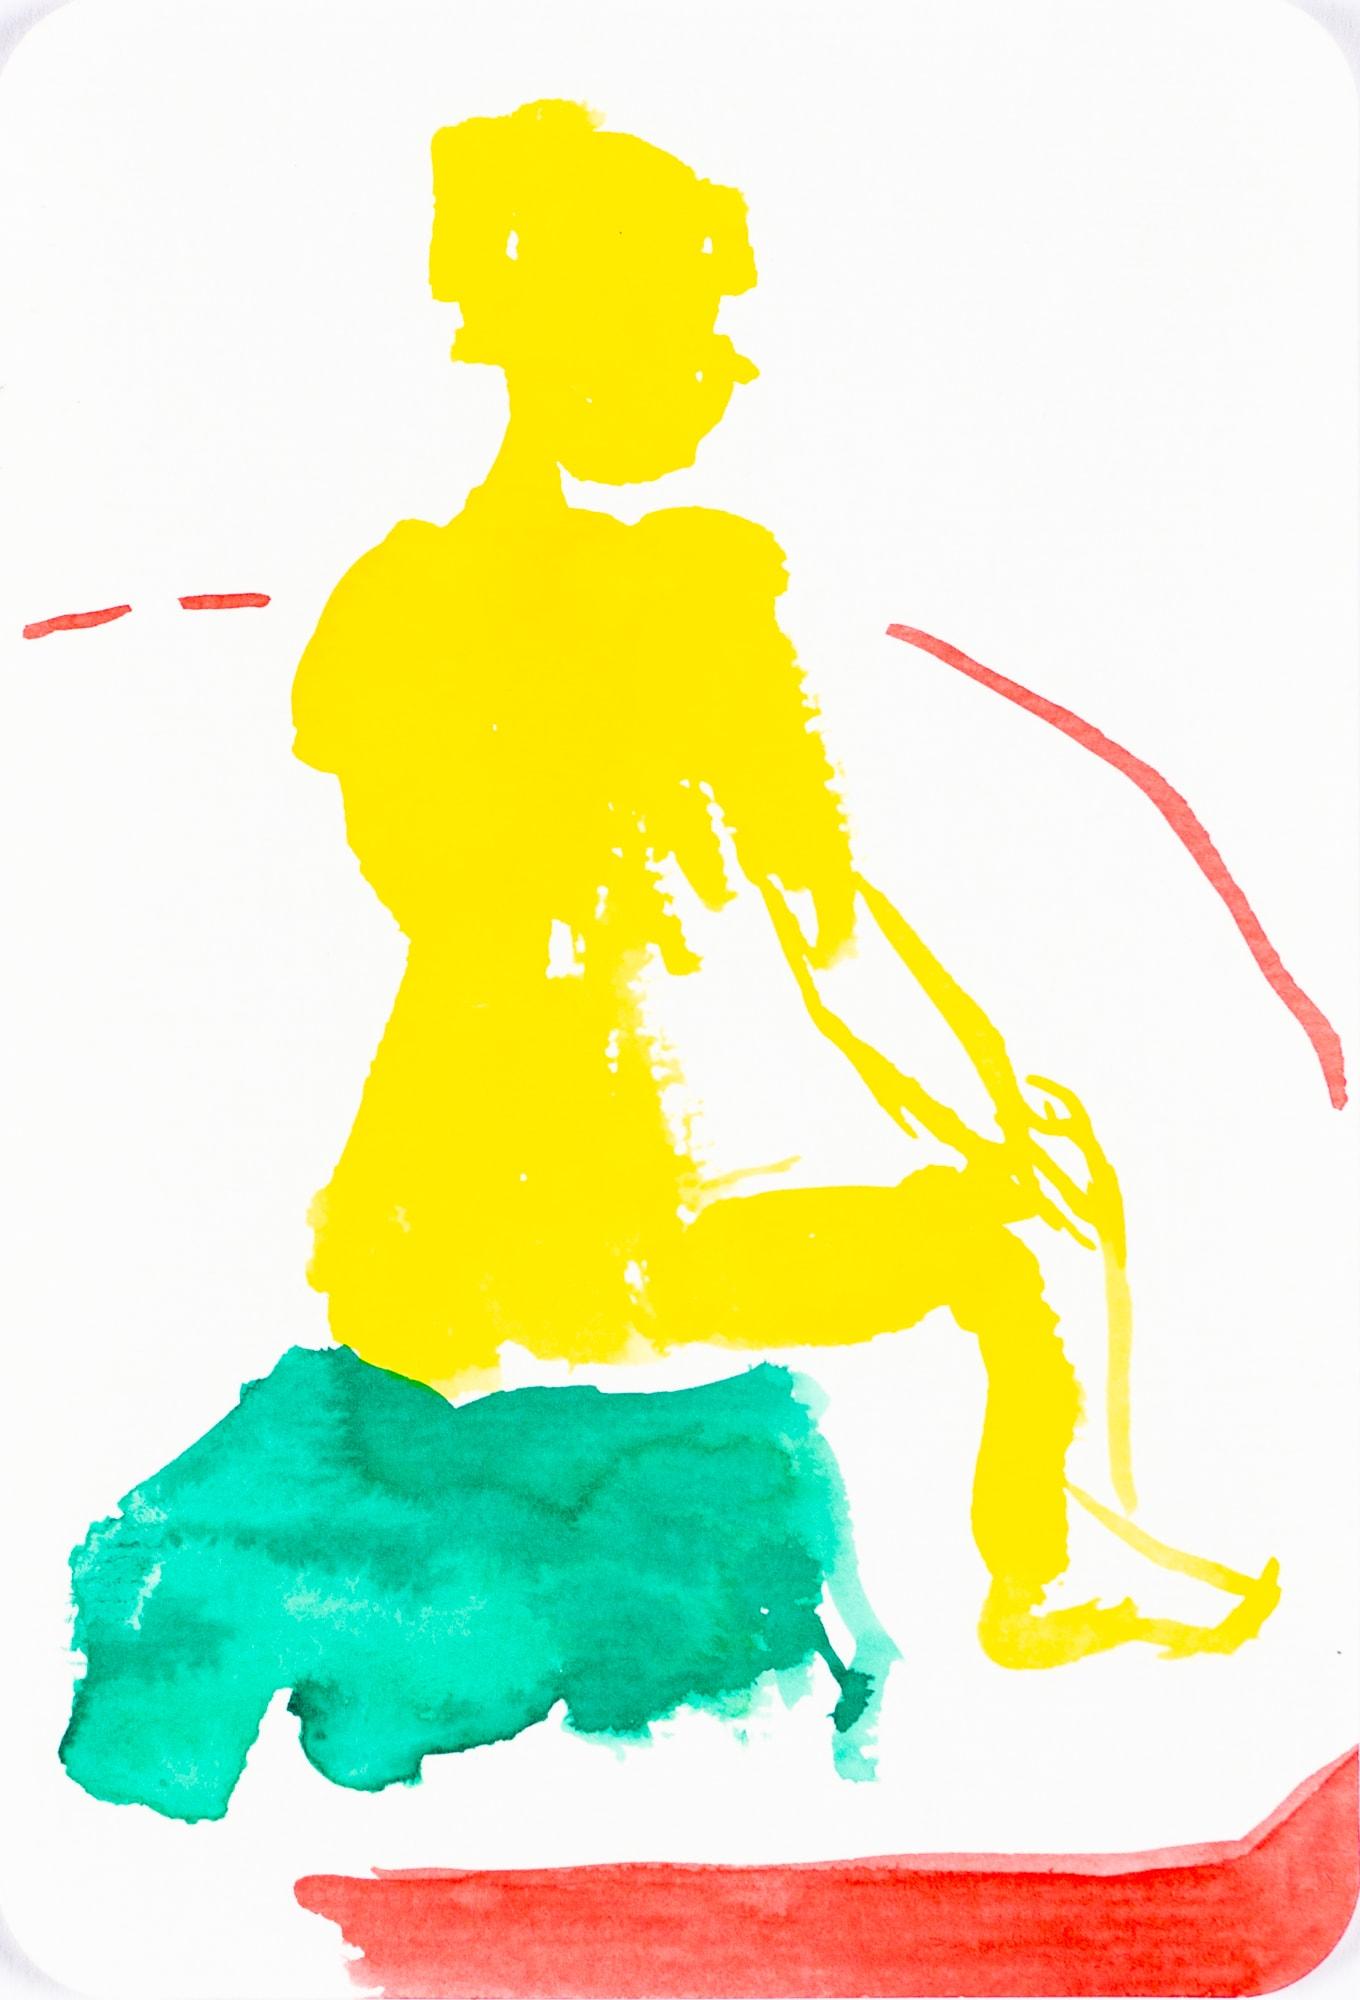 Zeichnung, Tusche auf Papier, 10,4x15,3cm, Akt, Künstlerin: Franziska King